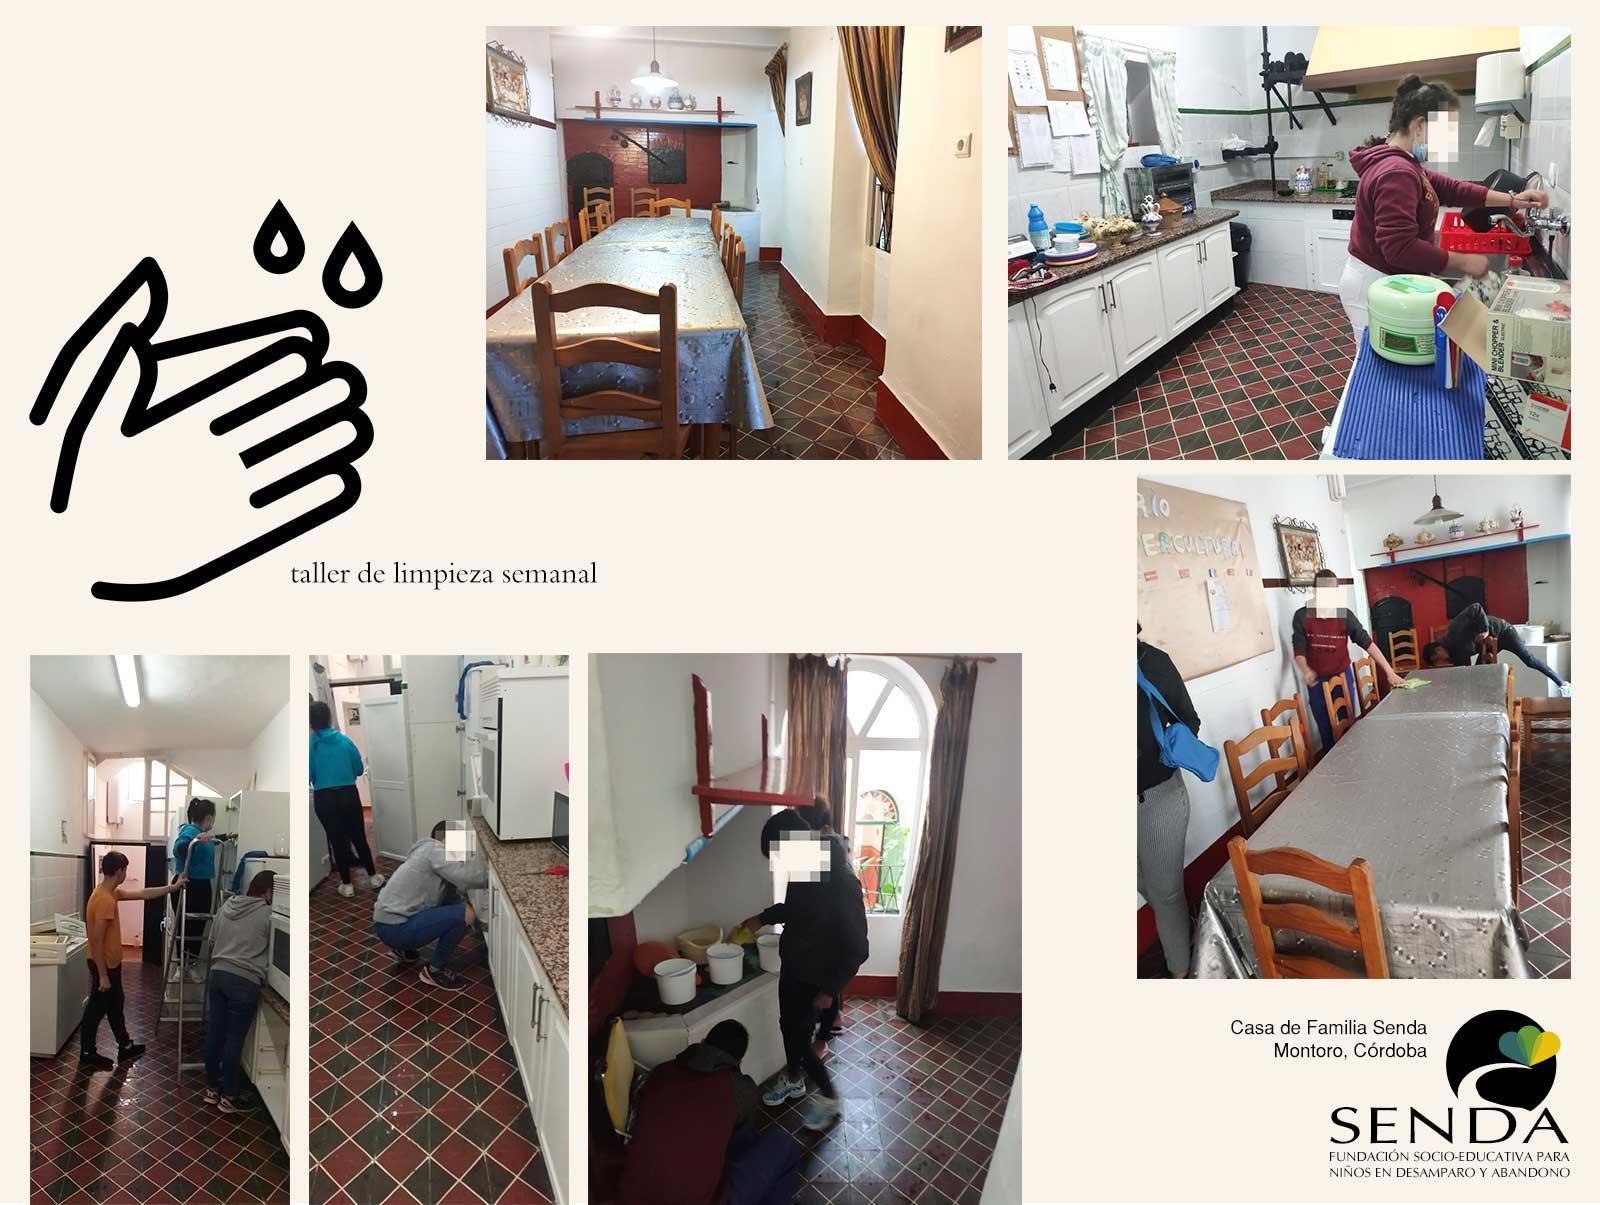 taller-limpieza-semanal-casa-familia-montoro-fundacion-senda